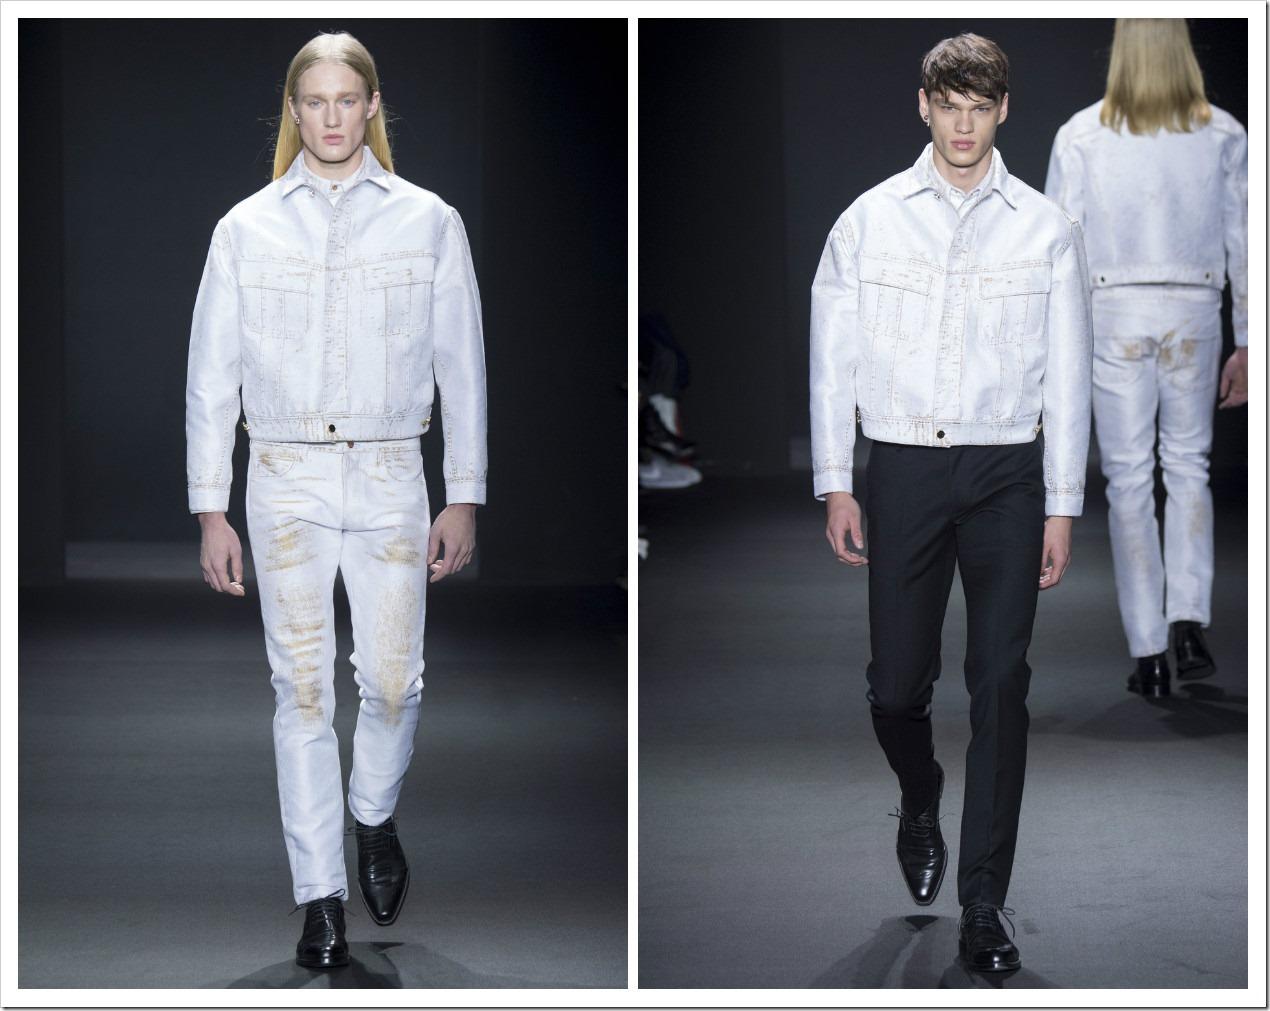 Calvin Klein Menswear Collection at Fall 2016